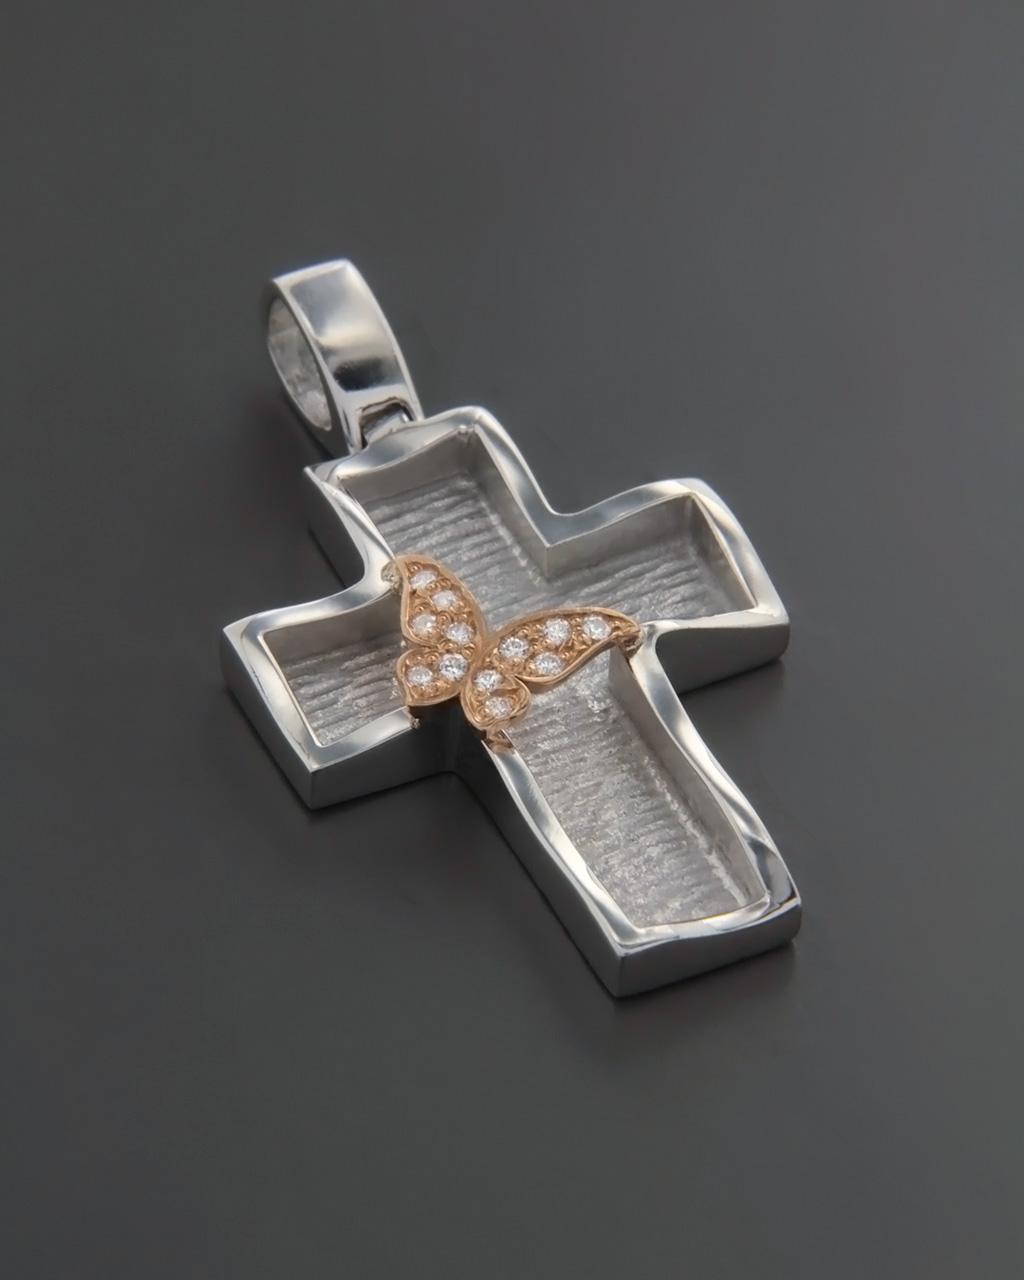 Σταυρός βαπτιστικός λευκόχρυσος & ροζ χρυσός Κ14 με Ζιργκόν   γυναικα σταυροί σταυροί λευκόχρυσοι